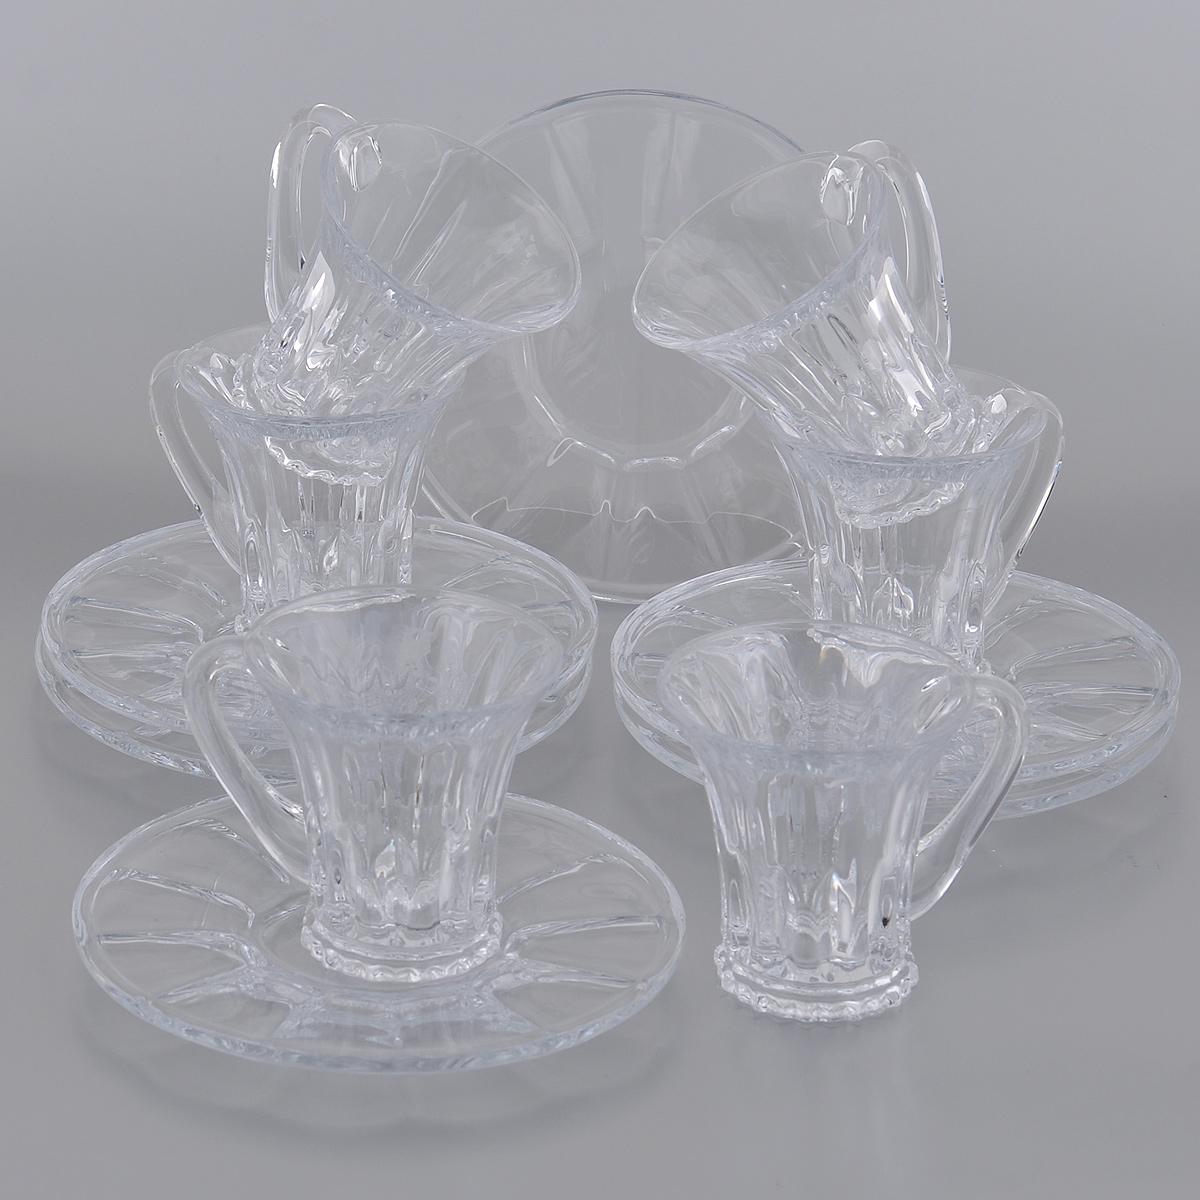 Набор чайный Crystalite Bohemia Веллингтон, 12 предметов2N753/0/99S37/100х6Чайный набор Crystalite Bohemia Веллингтон состоит из шести чашек и шести блюдец, изготовленных из прочного утолщенного стекла кристалайт. Изделия оснащены рельефной поверхностью. Они излучают приятный блеск и издают мелодичный звон.Предметы набора сочетают в себе элегантный дизайн и функциональность. Набор Crystalite Bohemia Веллингтон займет достойное место среди аксессуаров на вашей кухне. Нельзя использовать в микроволновой печи и в посудомоечной машине.